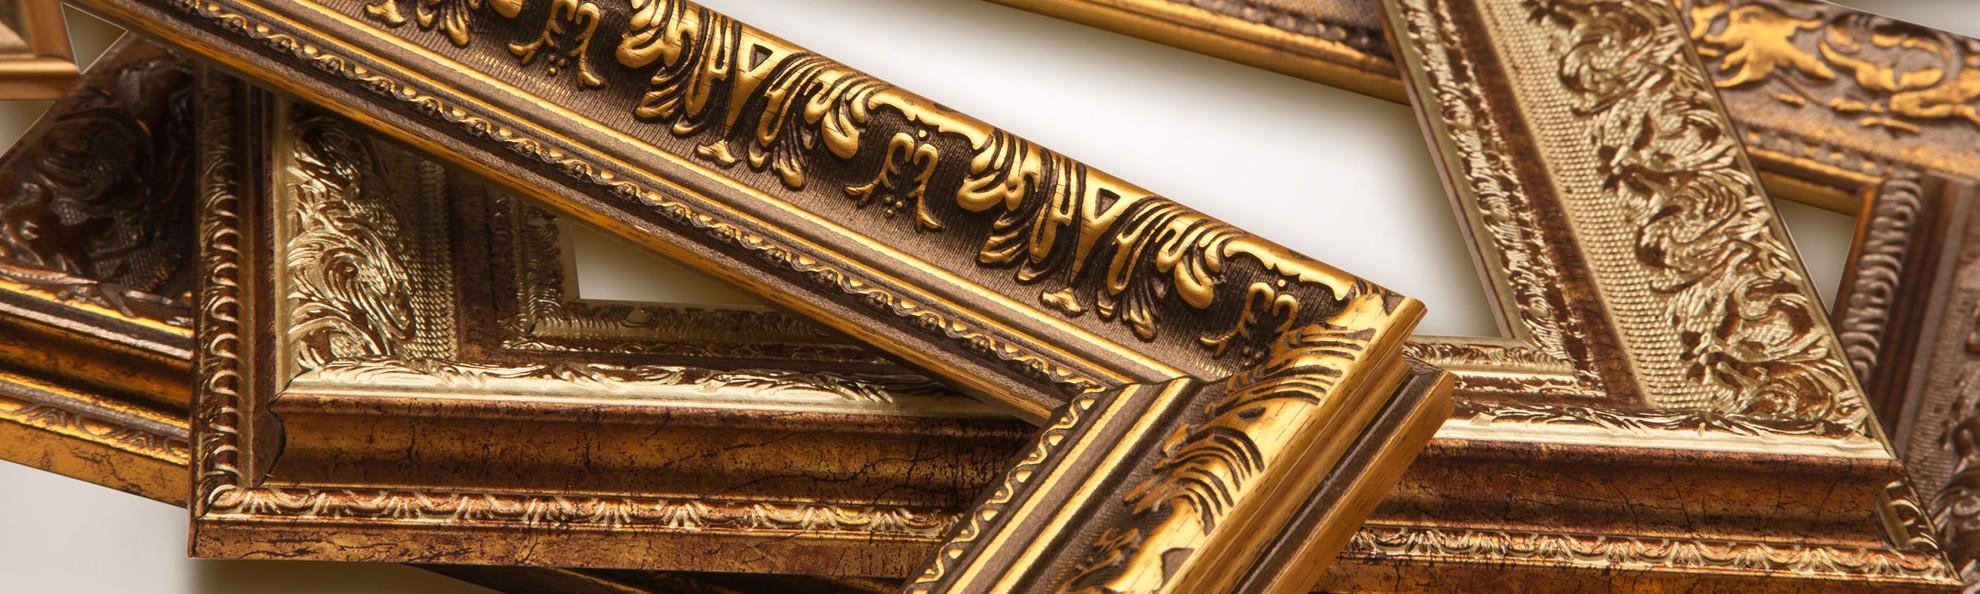 Guarda le cornici classiche proposte da Centro cornici Brambilla di Lecco.